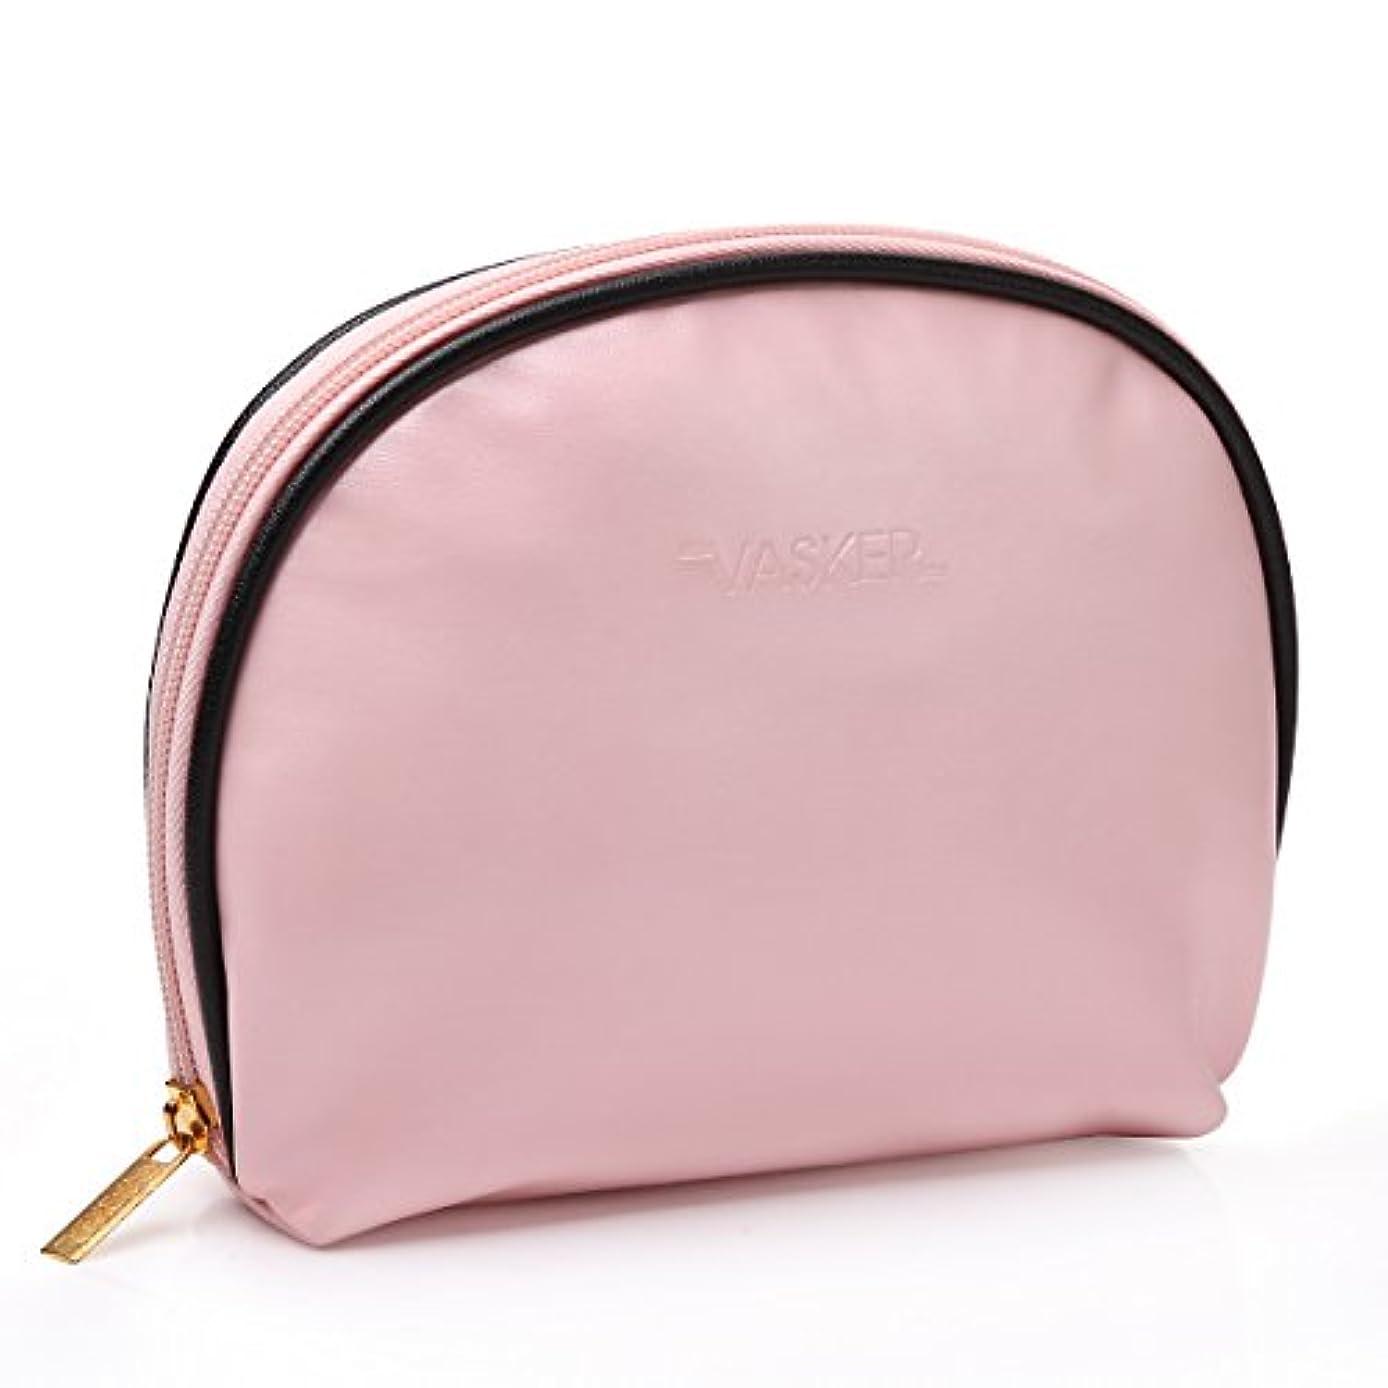 VASKER メイクアップバッグ 化粧ポーチ 高品質 小物入れ レディース用 ピンク